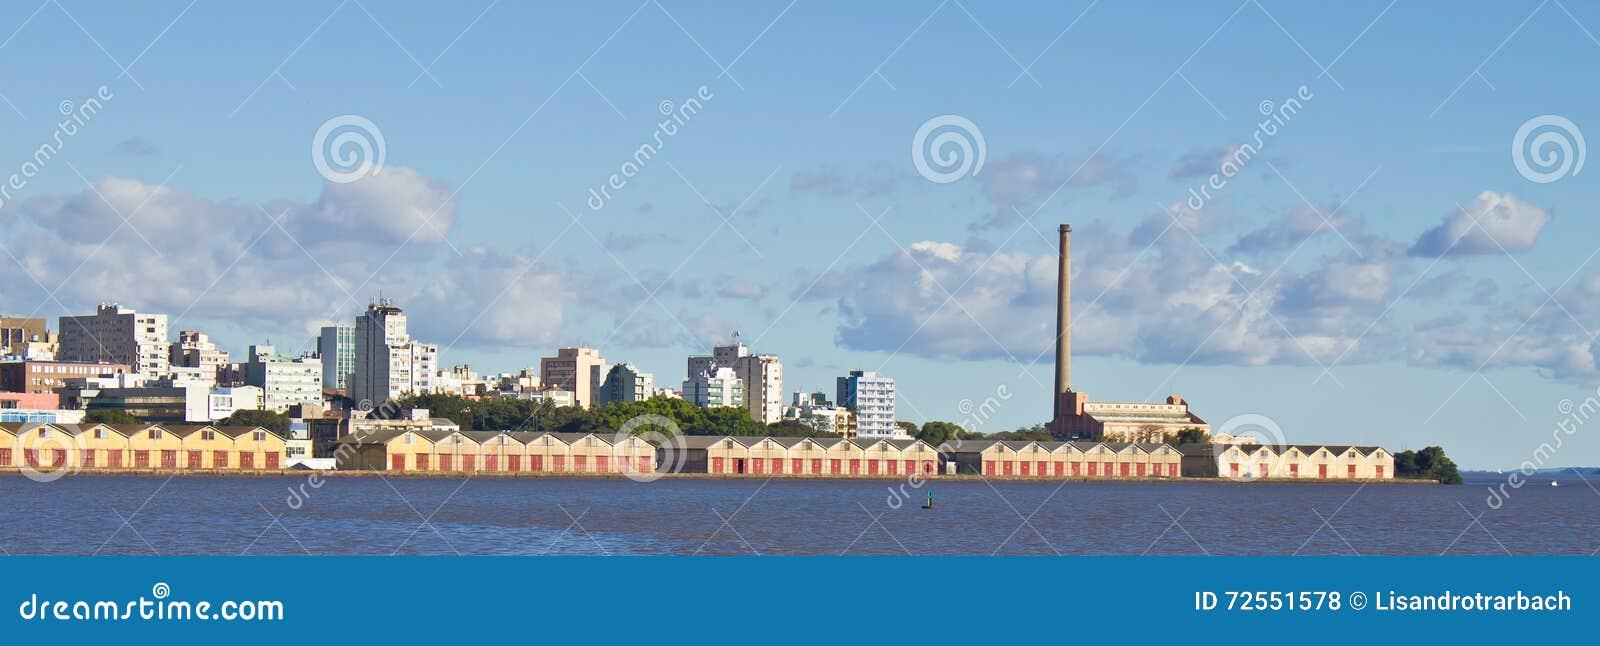 Porto Alegre-Hafen